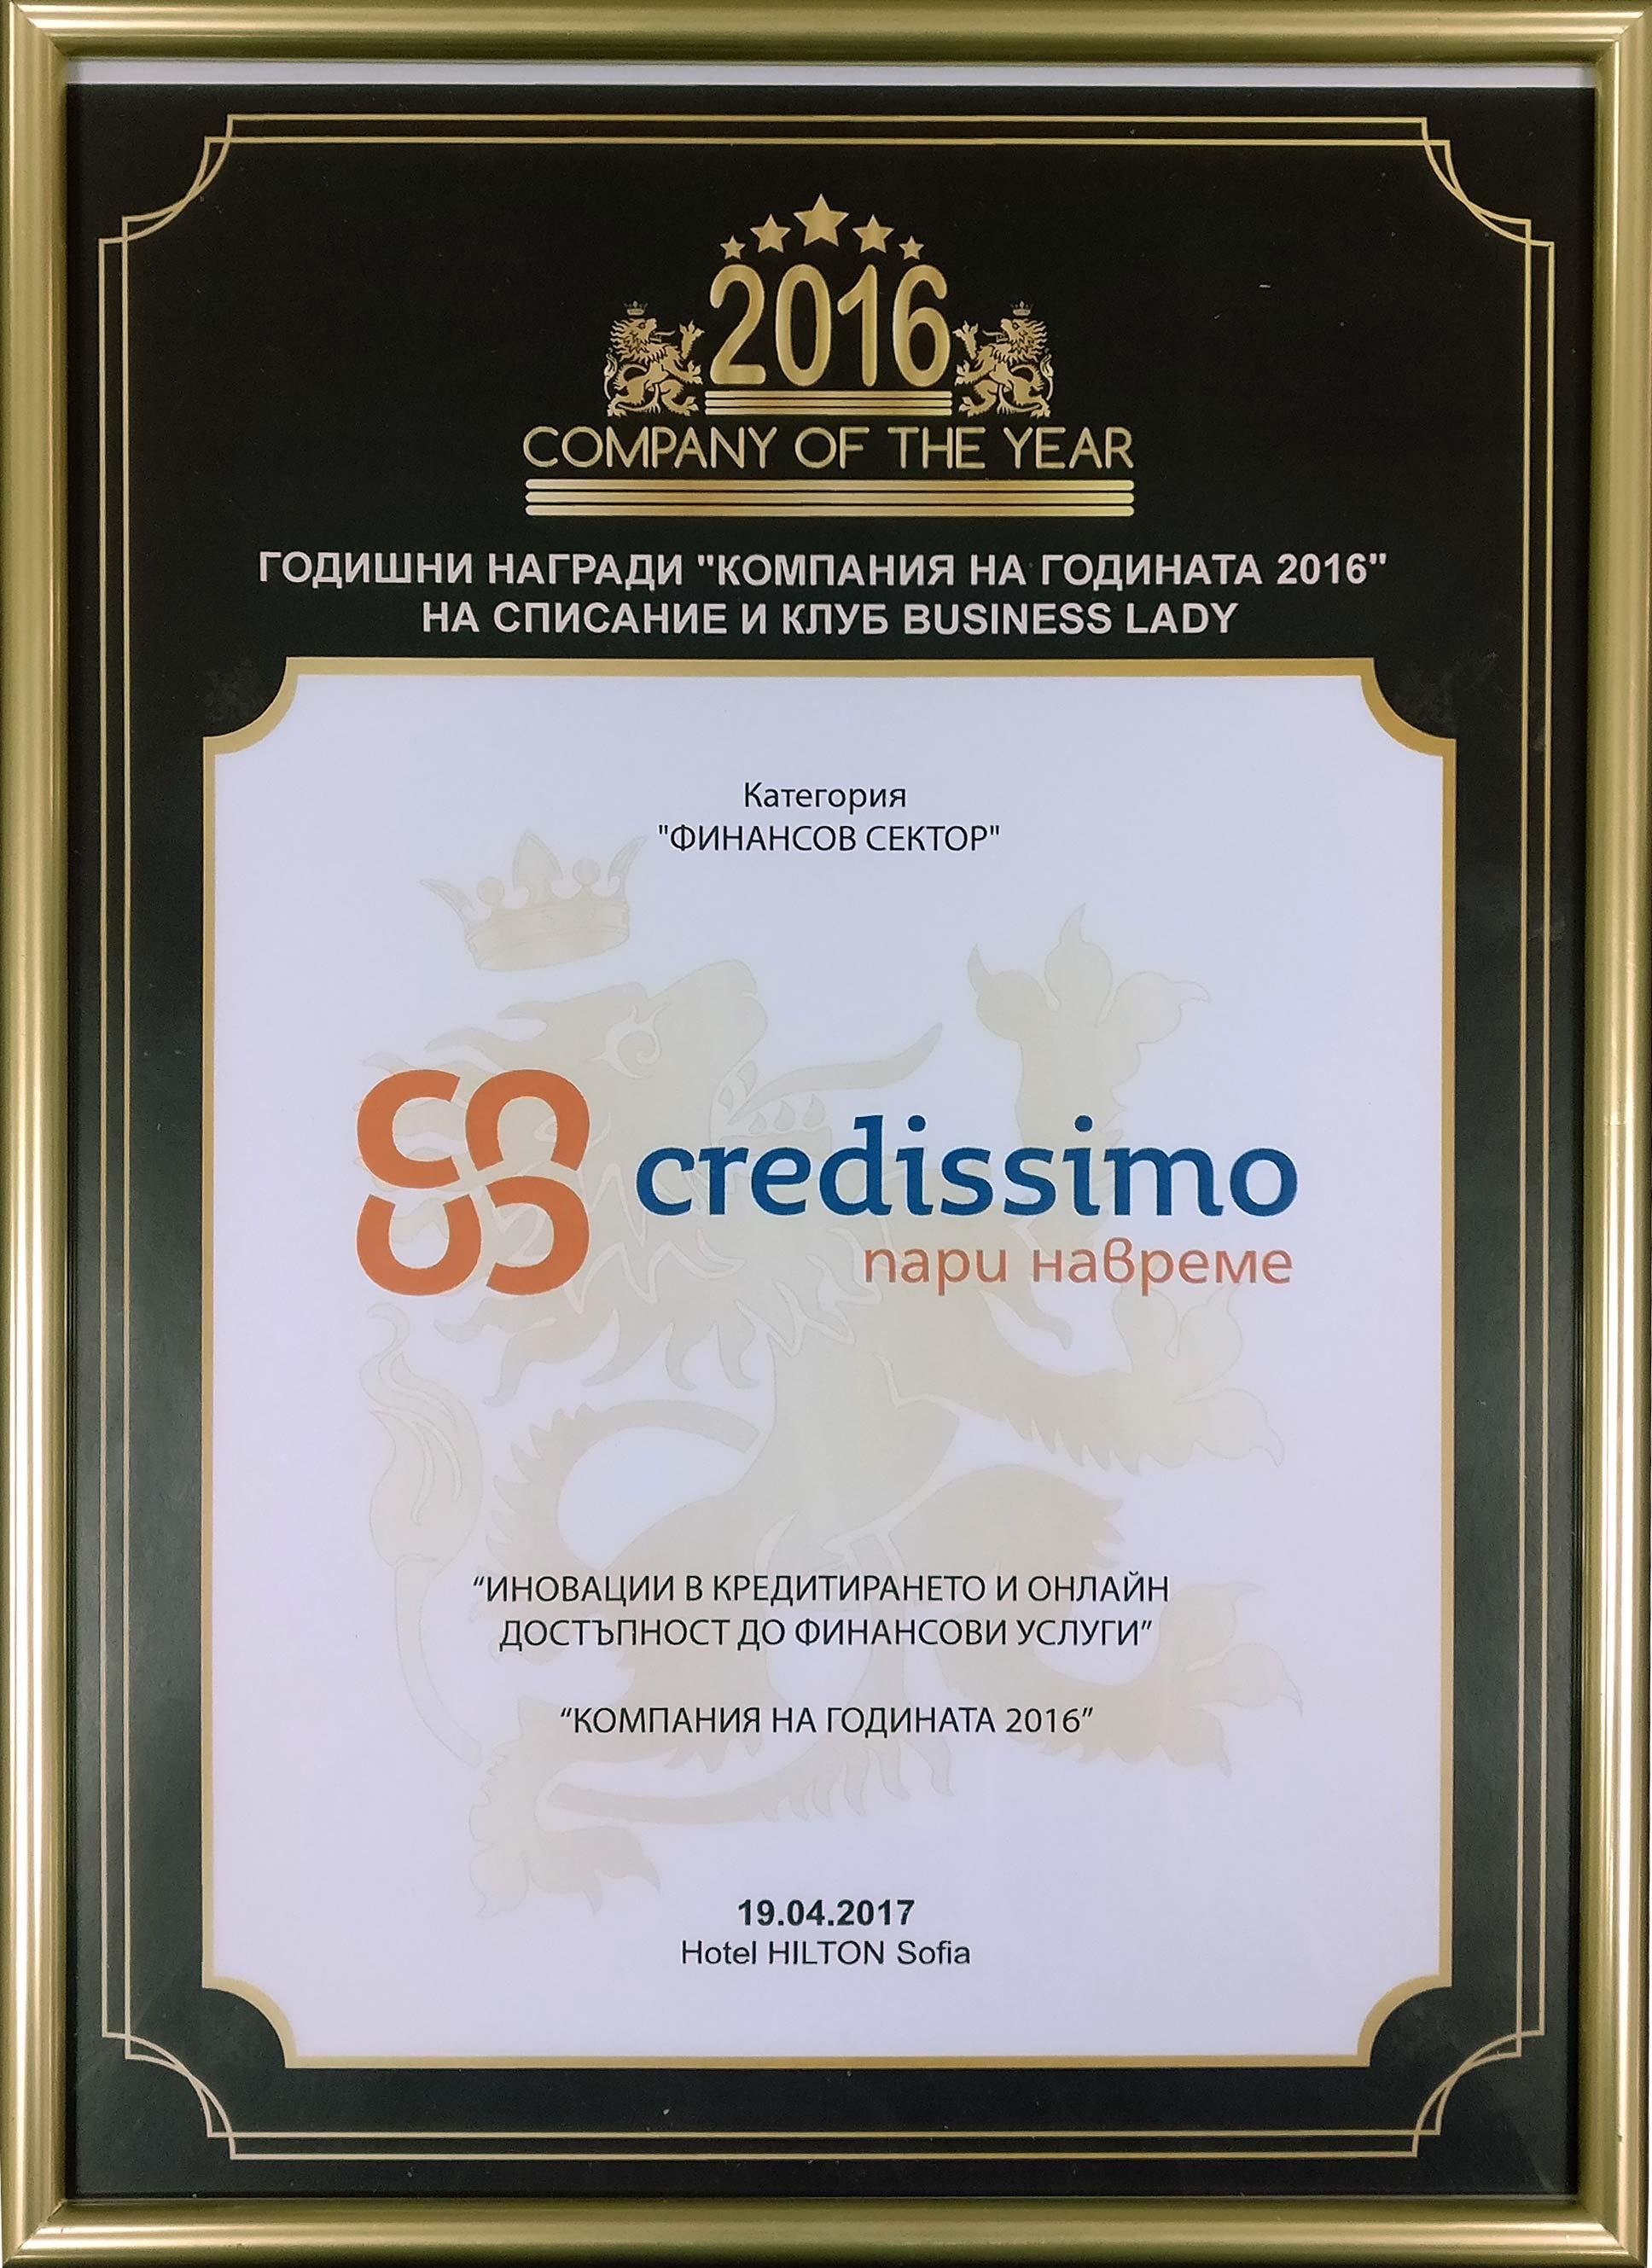 награда на Credissimo за най-иновативна в кредитирането и онлайн достъпност до финасови услуги